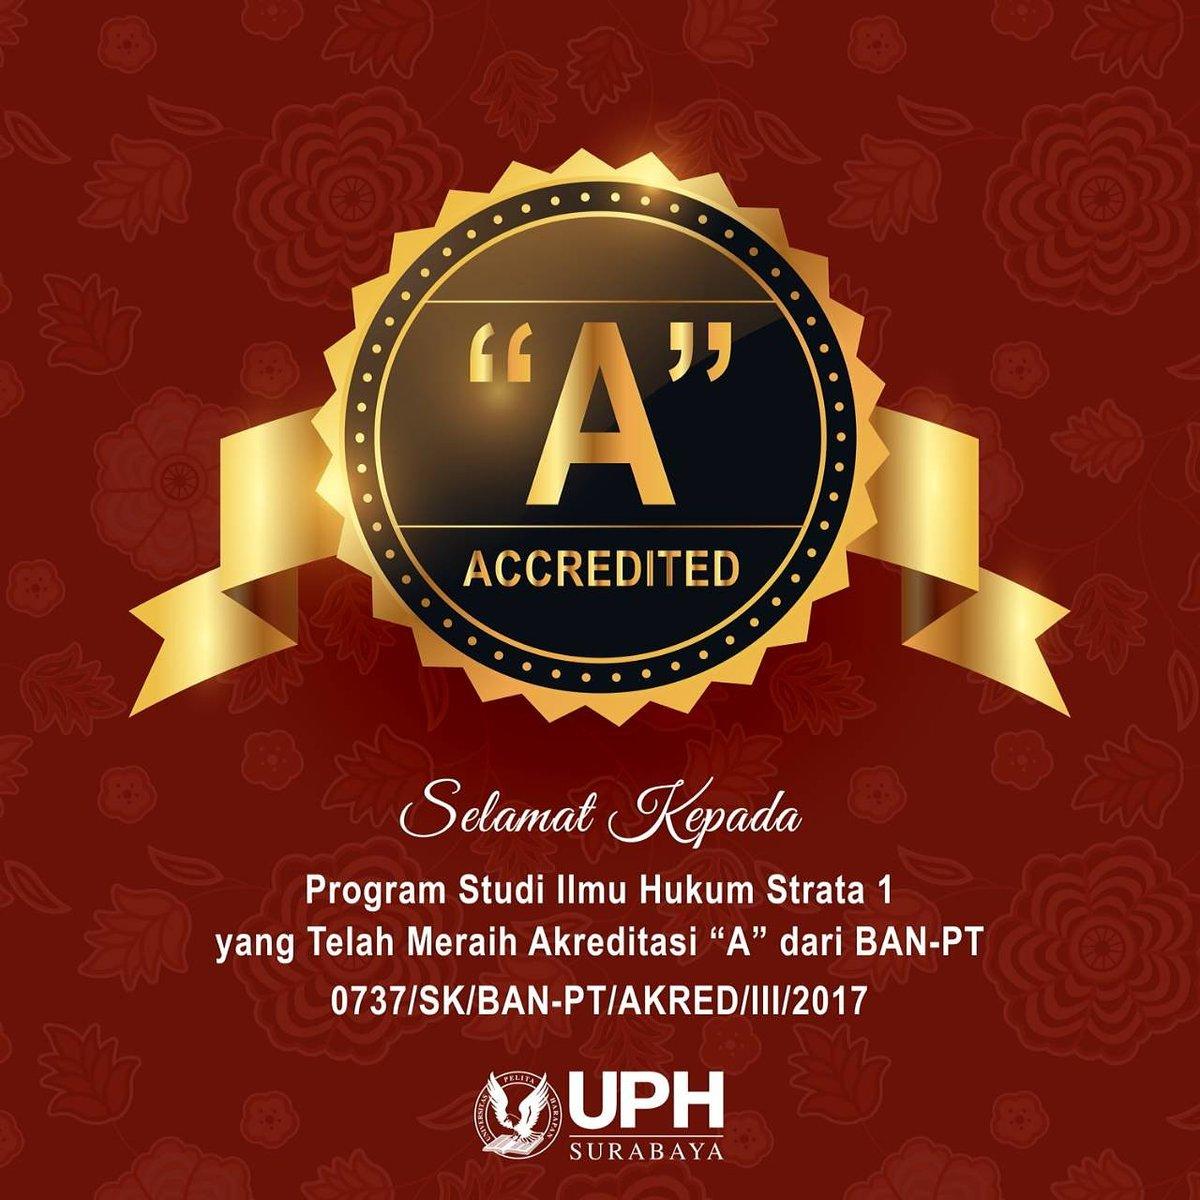 Selamat Kepada Pogram Studi Hukum Universitas Pelita Harapan Surabaya!! 🎉🎉🎉 https://t.co/zy9qk8NnPZ